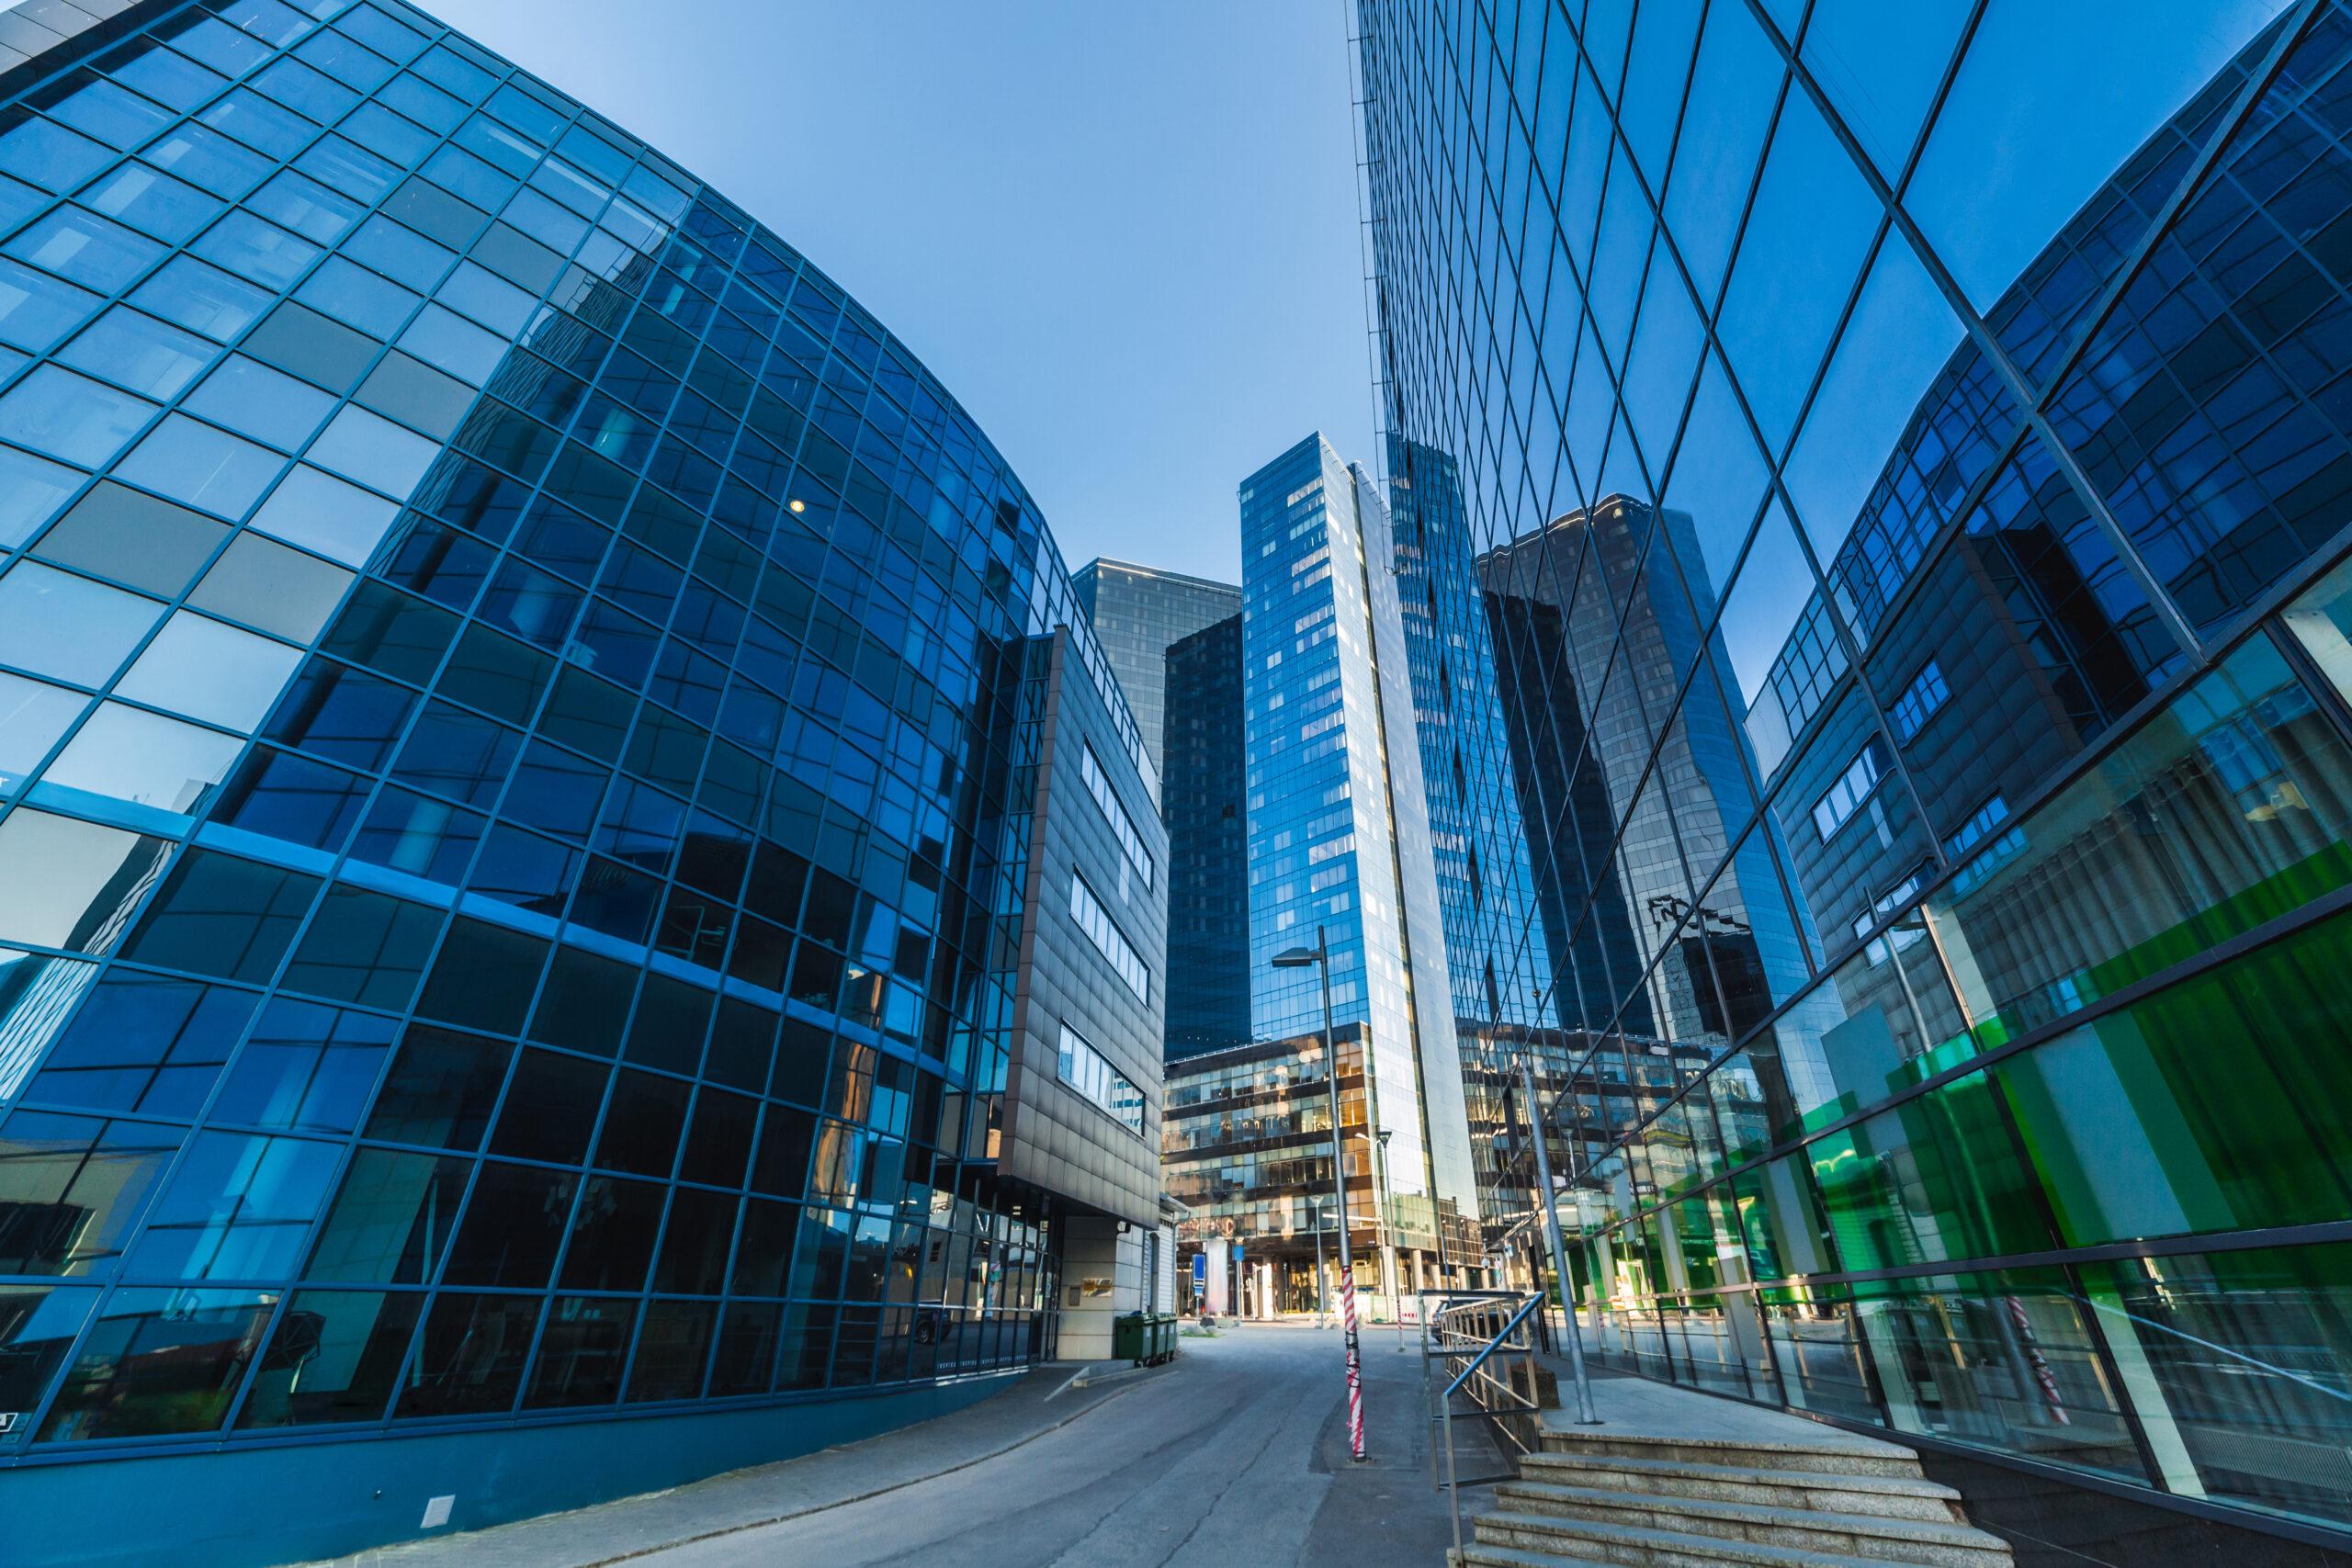 Eesti kalleimad kinnisvaratehingud 2020. aastal - Uus Maa Kinnisvarabüroo